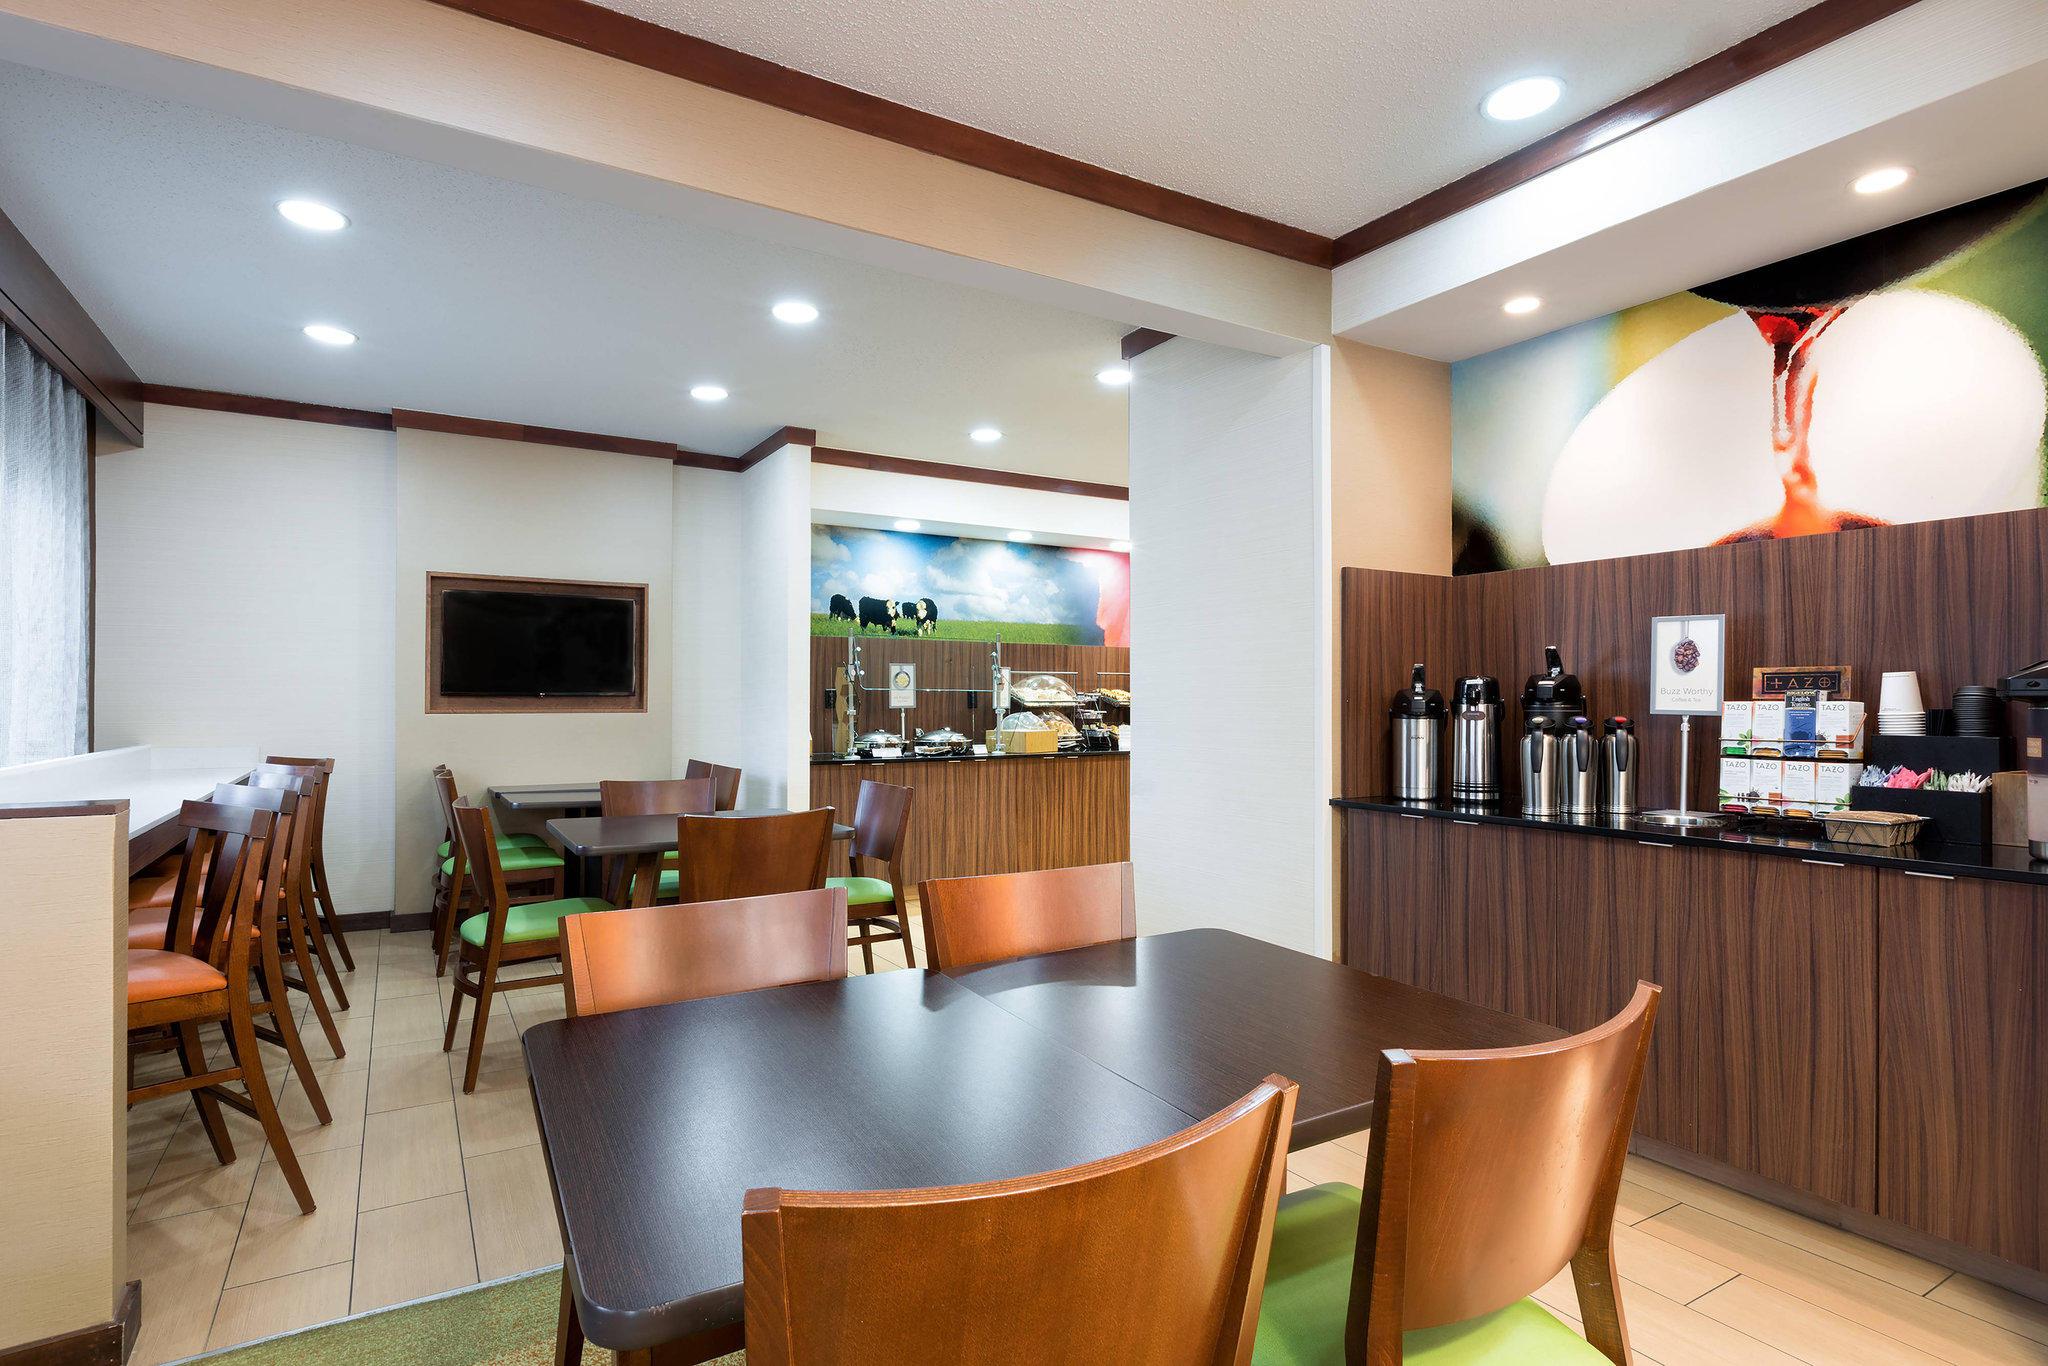 Fairfield Inn & Suites by Marriott Austin South